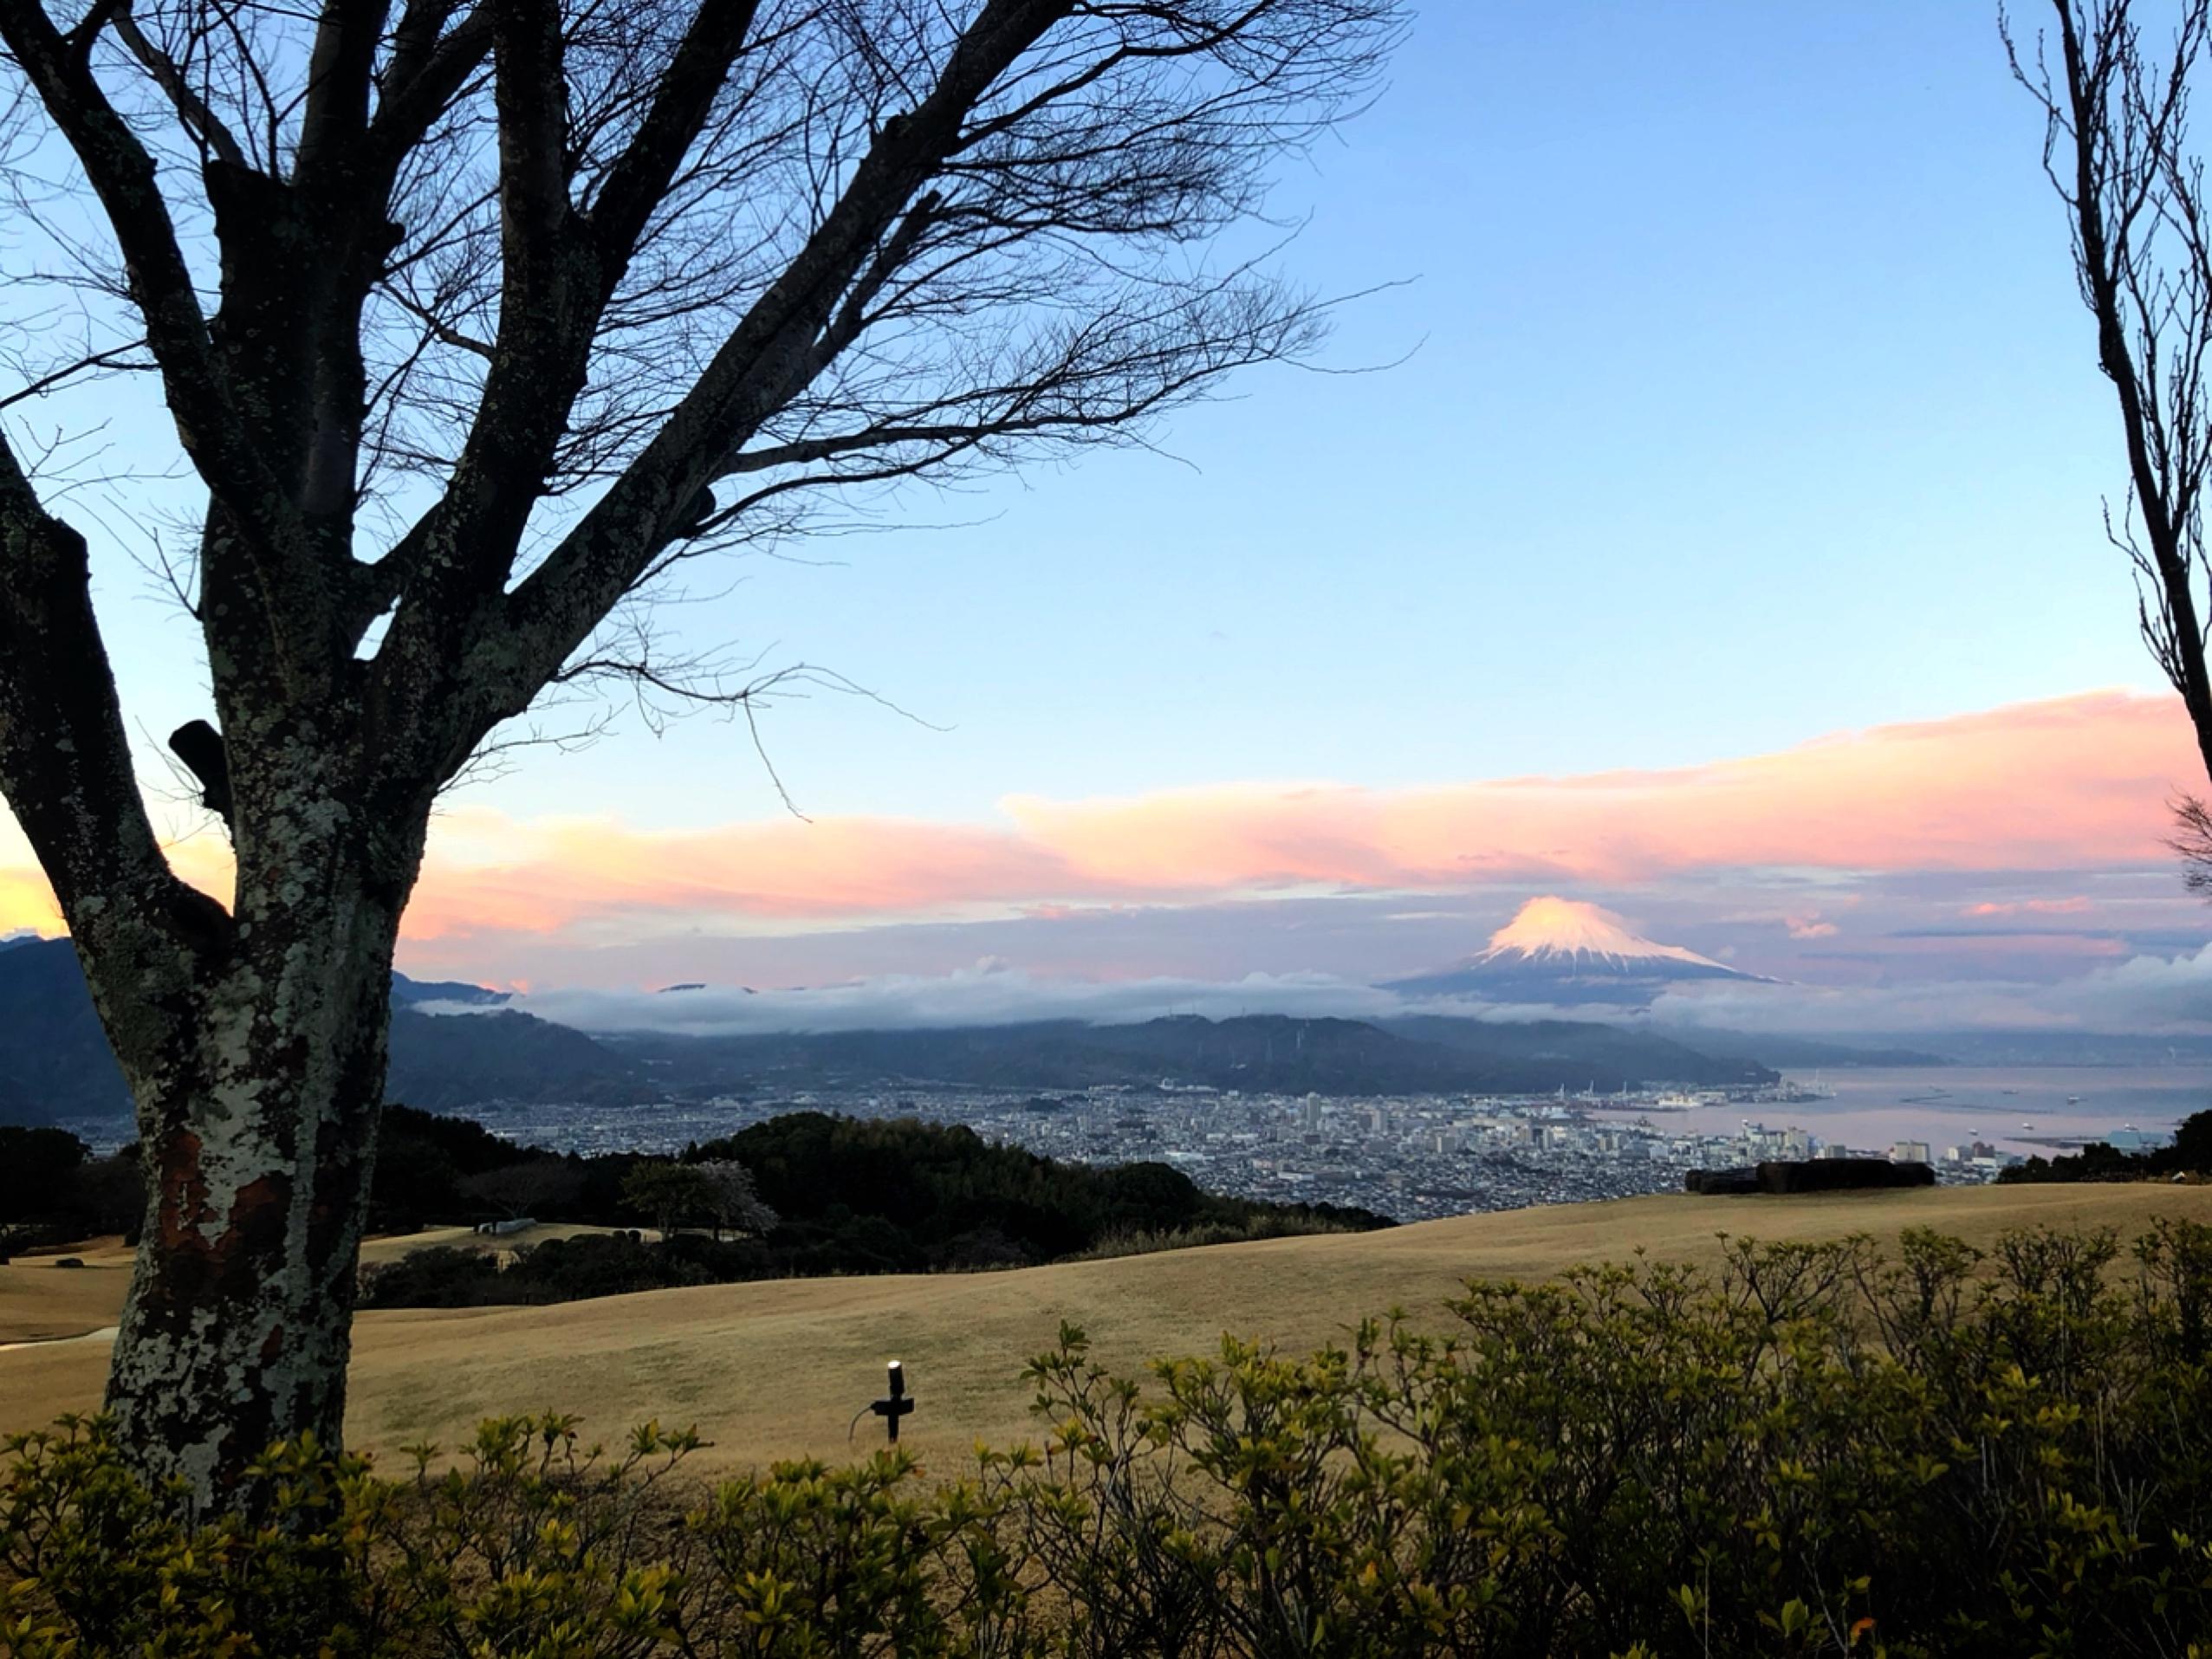 【#静岡】日本平ホテルでゆったりアフタヌーンティー☕︎風景画のような大パノラマが最高♡食後は広大な庭園をお散歩しました♩_8